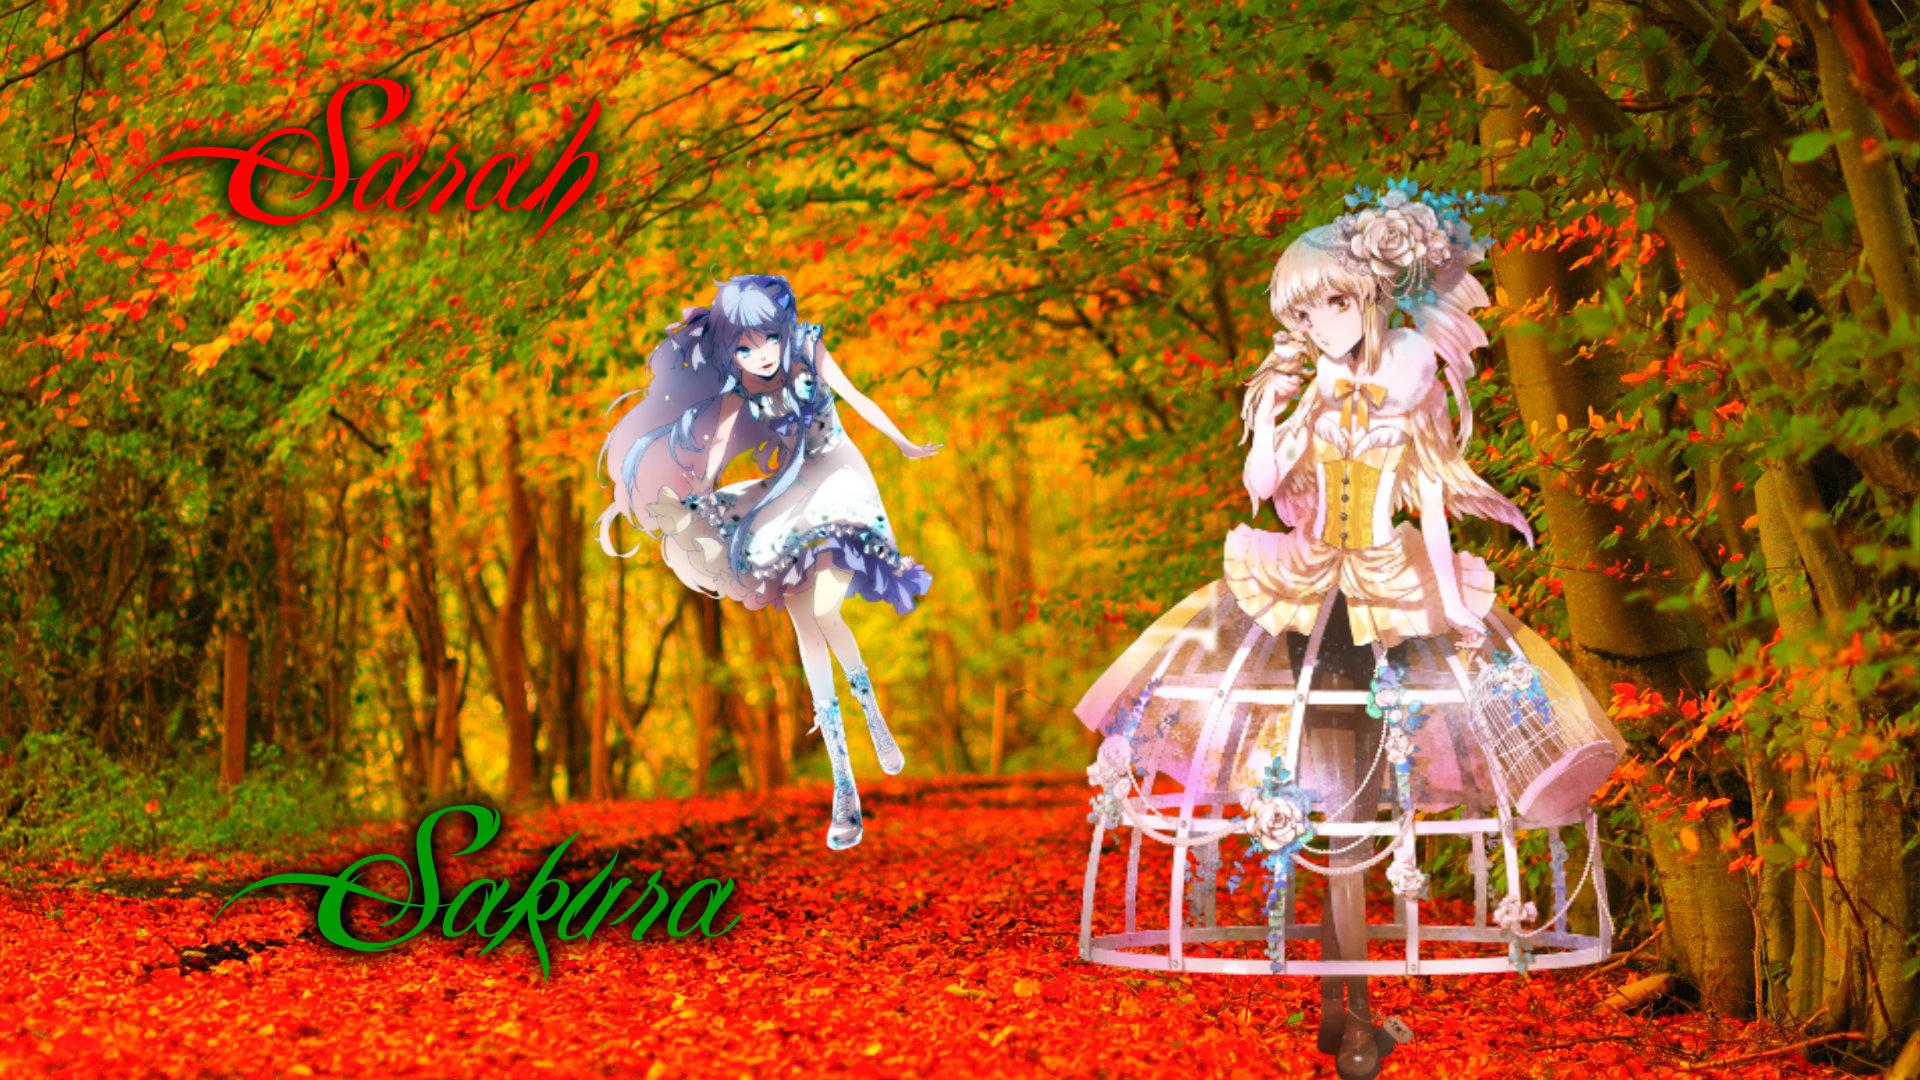 Résultats de recherche d'images pour «sakura chasseuse de cartes »